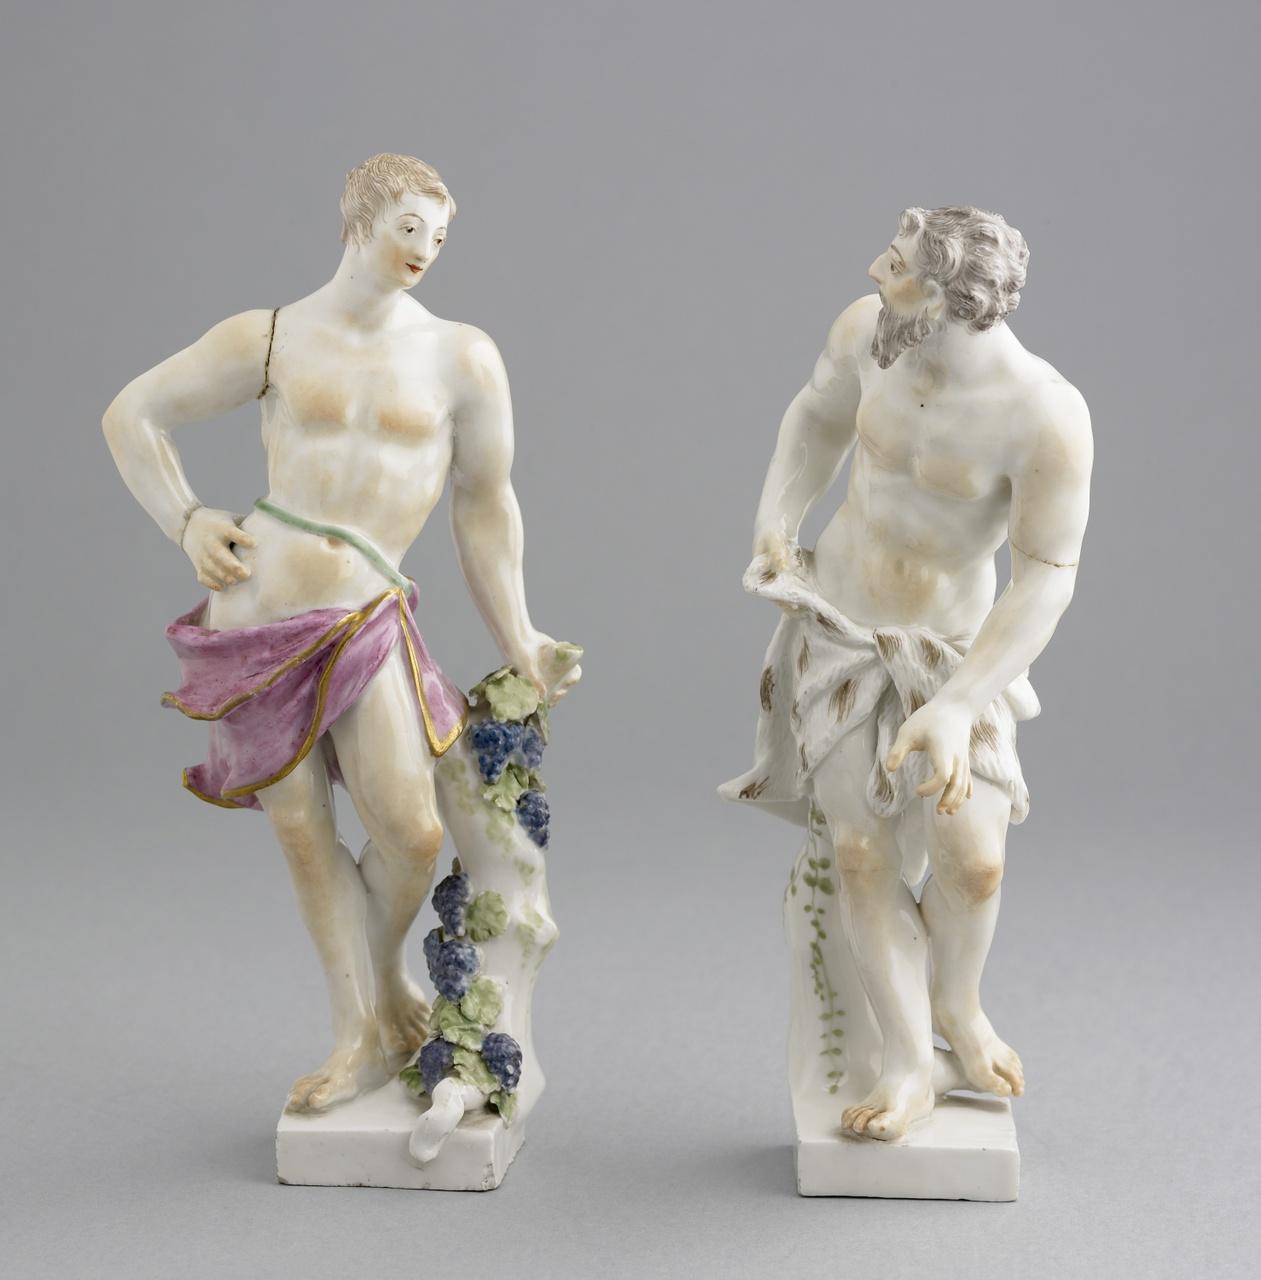 Beeldje van een oud mannenfiguur die volwassenheid symboliseert